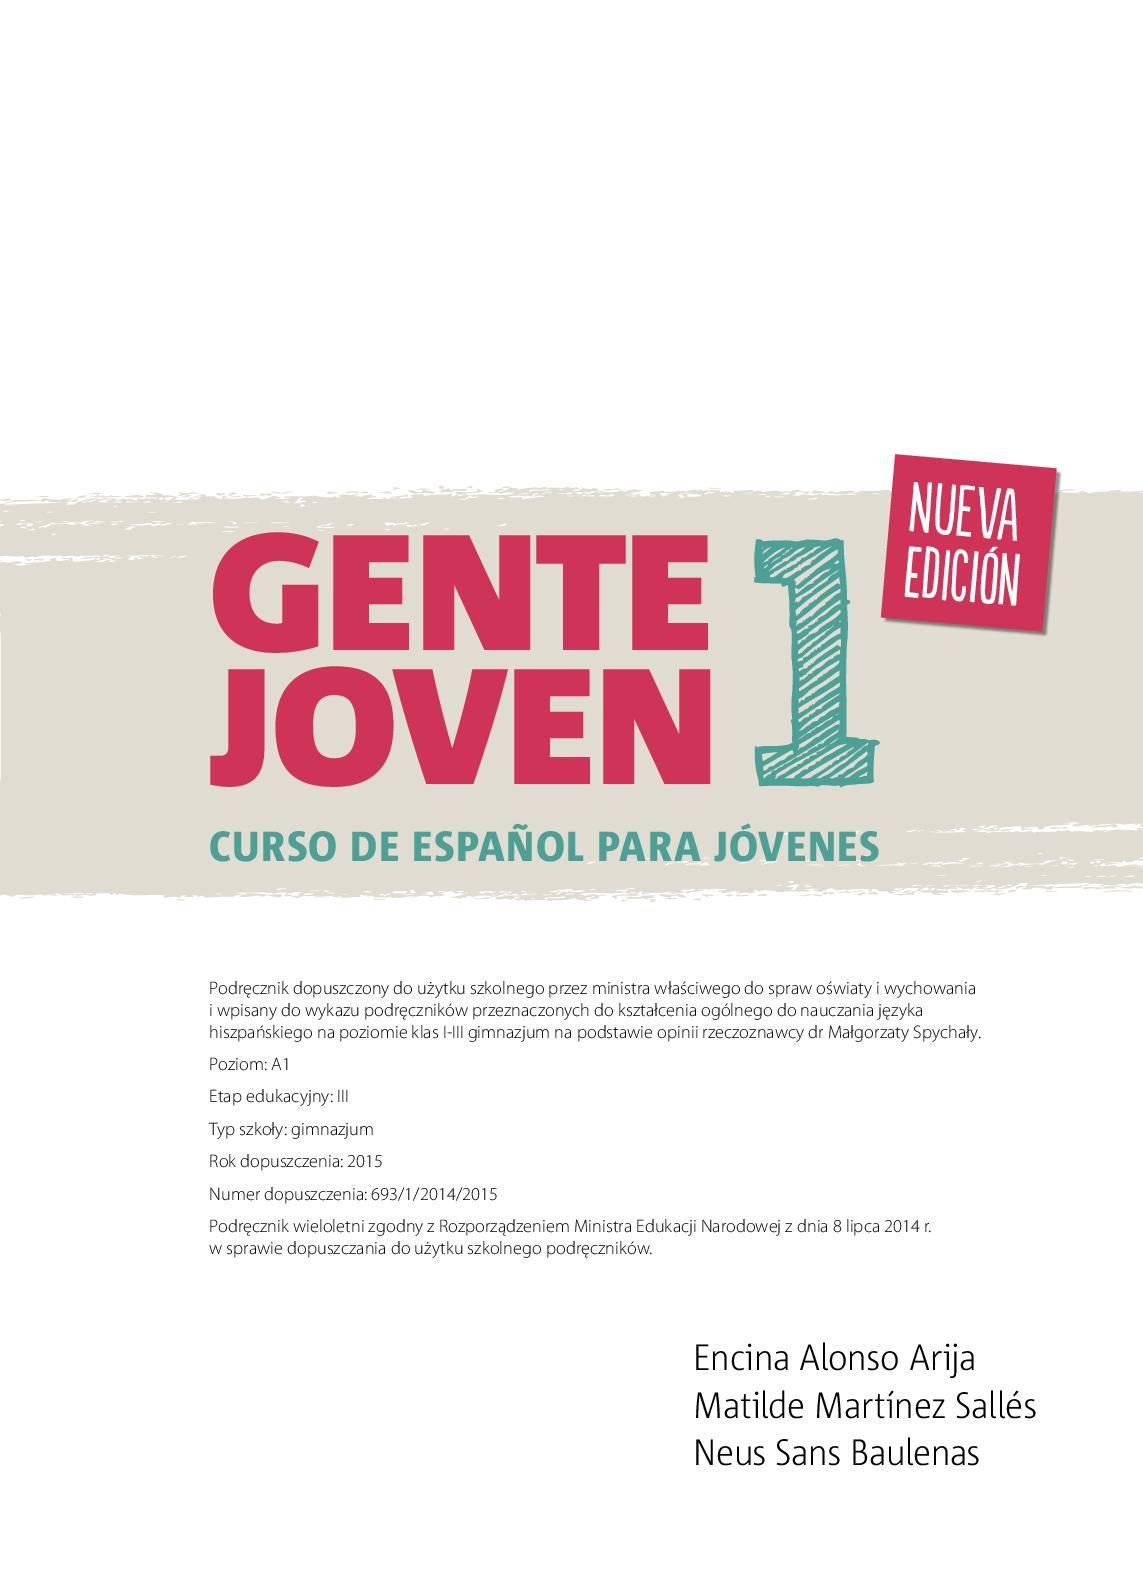 Conocer Gente Joven Valladolid - 218965